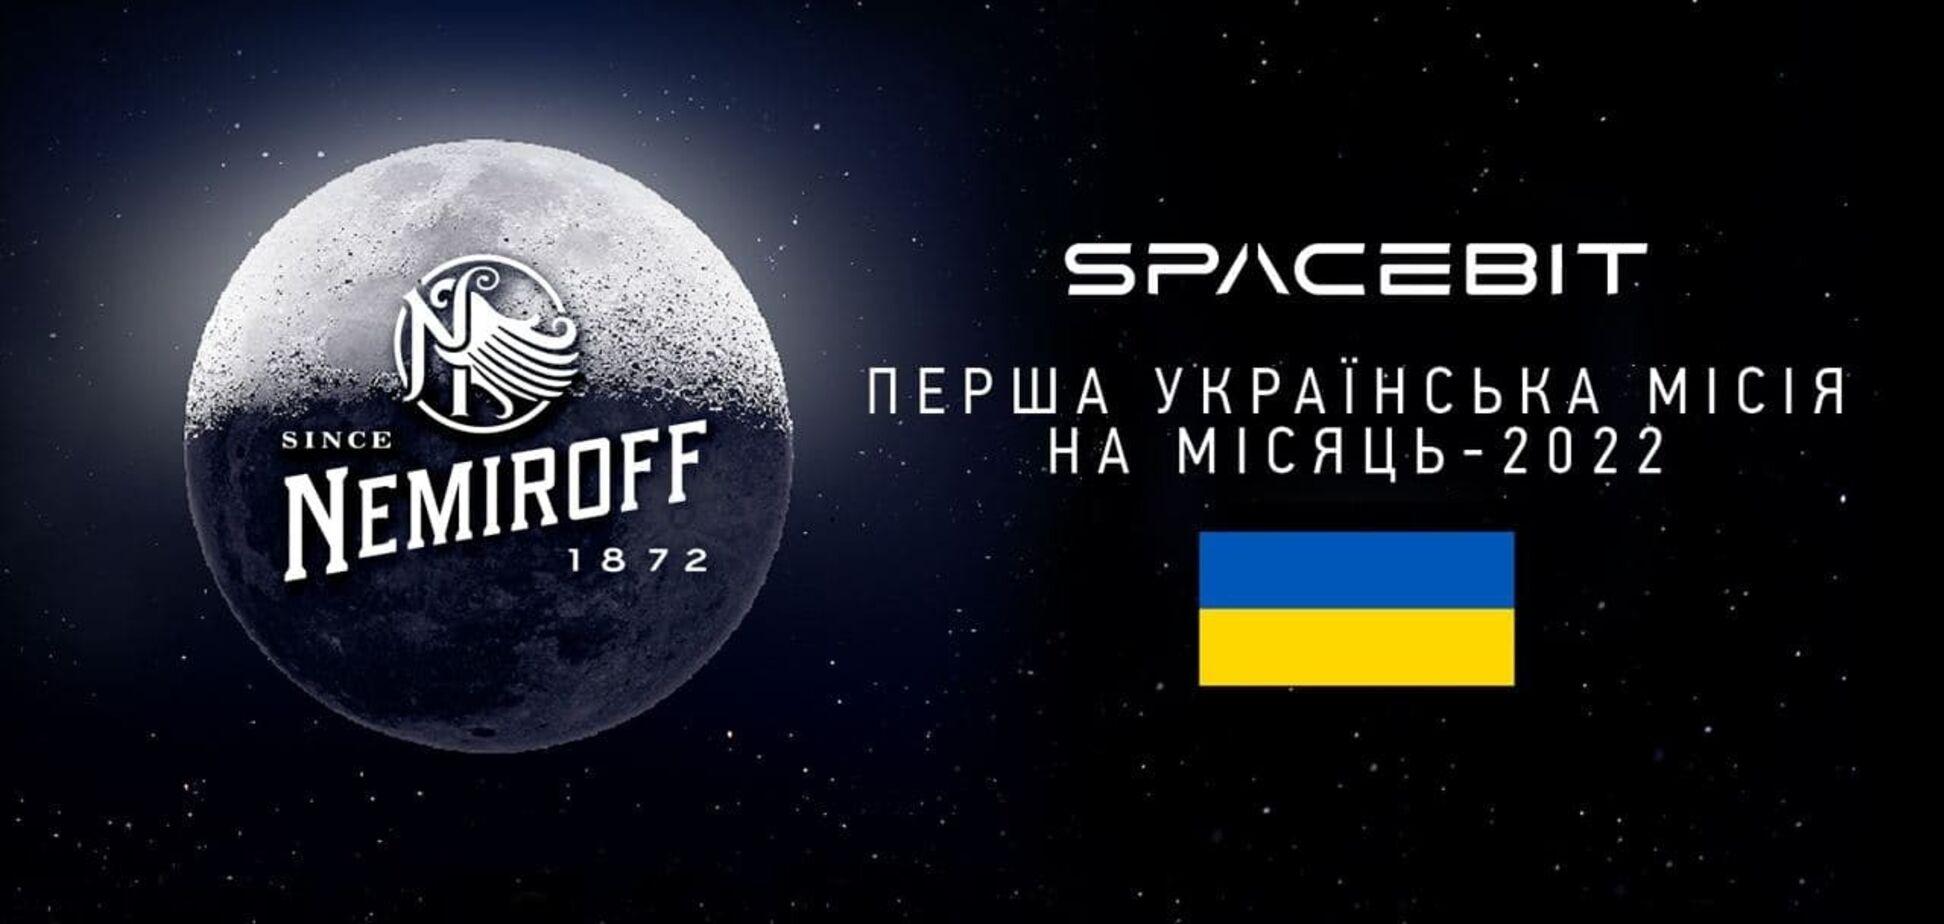 Українська місія на Місяць відбудеться вже в 2022 році за підтримки Nemiroff